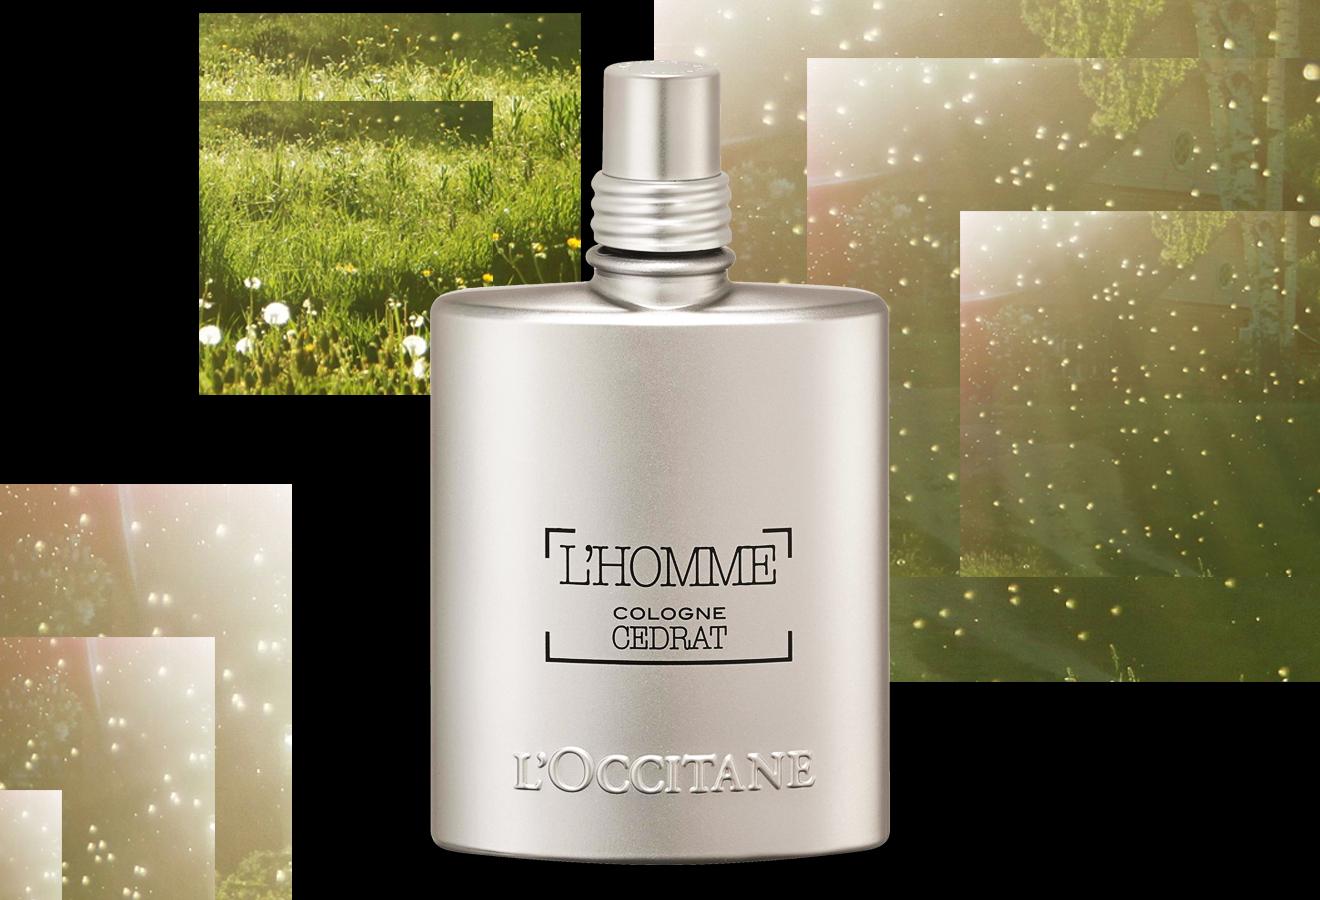 By Eau L'occitane De Toilette L'homme Cedrat Cologne wX8Okn0P